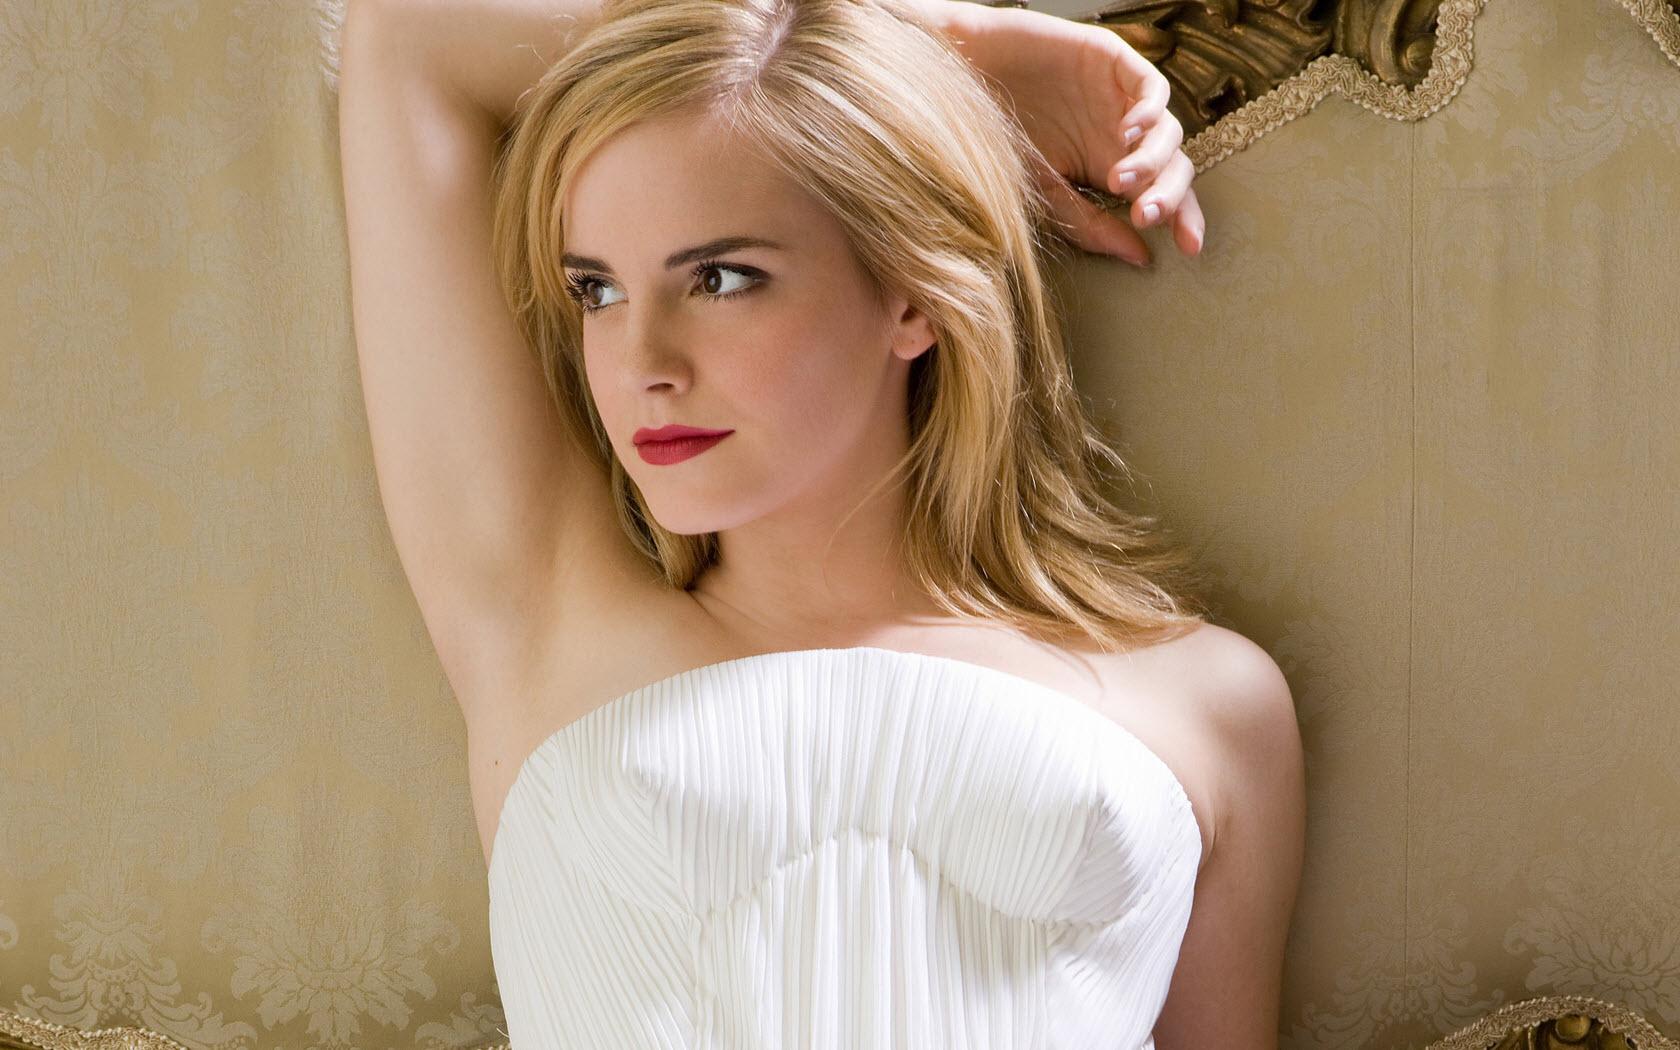 Emma-Watson-http-www-firsthd-com-emma-watson-html-wallpaper-wp6003195